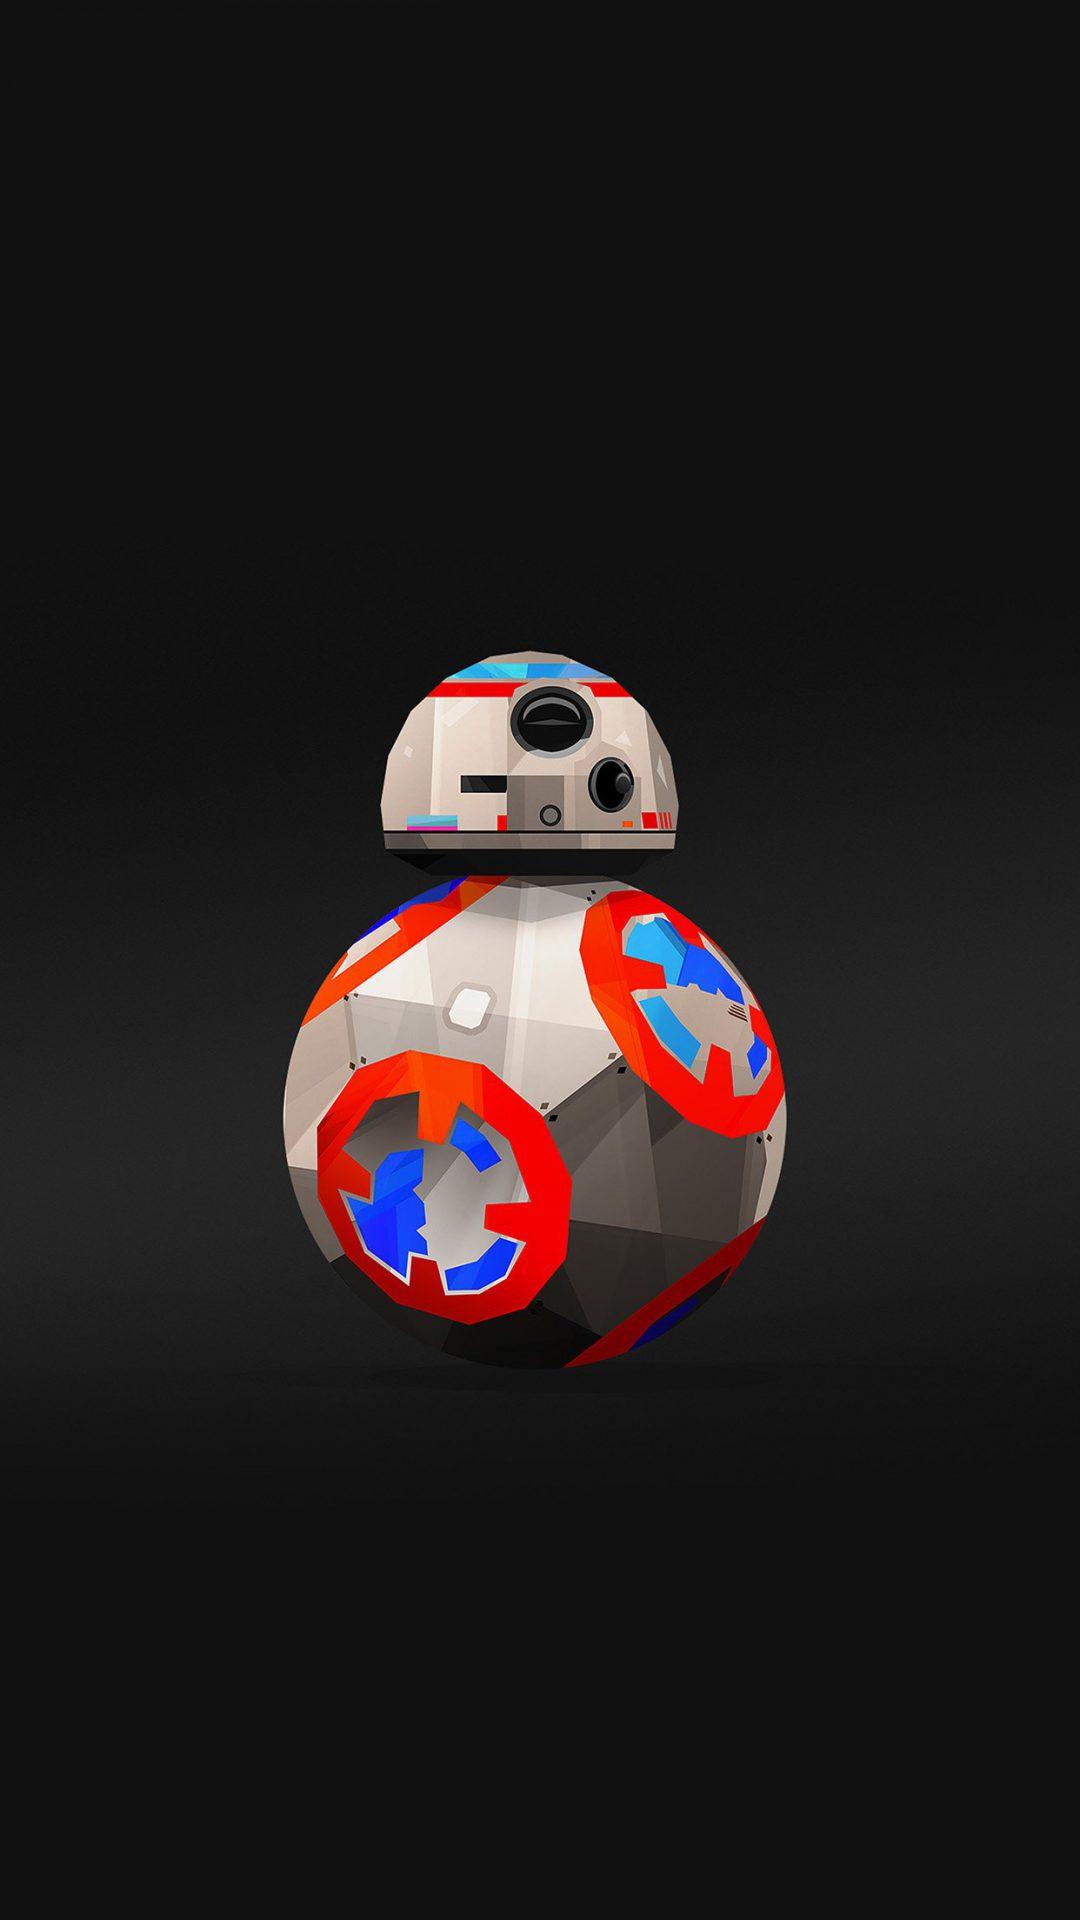 Bb 8 Droid Starwars Robot Art Film